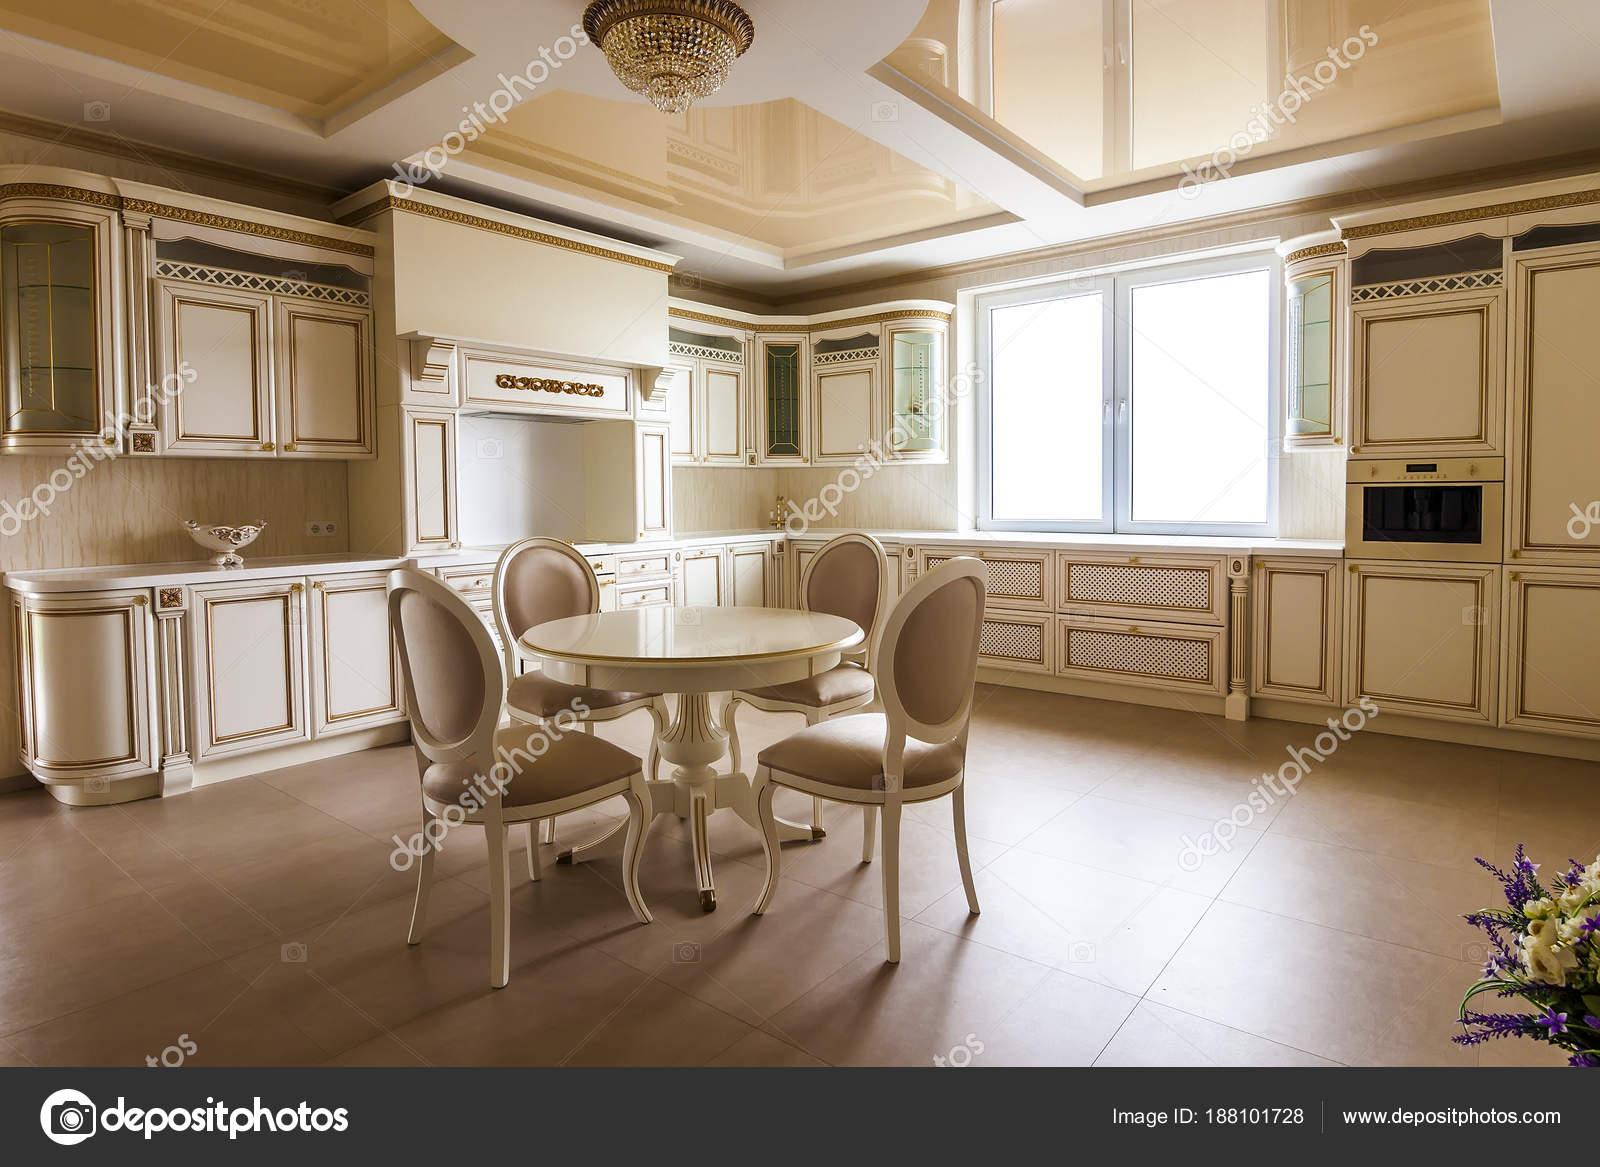 luxuri se moderne einbauk che interieur k che in luxus zu hause wi stockfoto bilanol. Black Bedroom Furniture Sets. Home Design Ideas